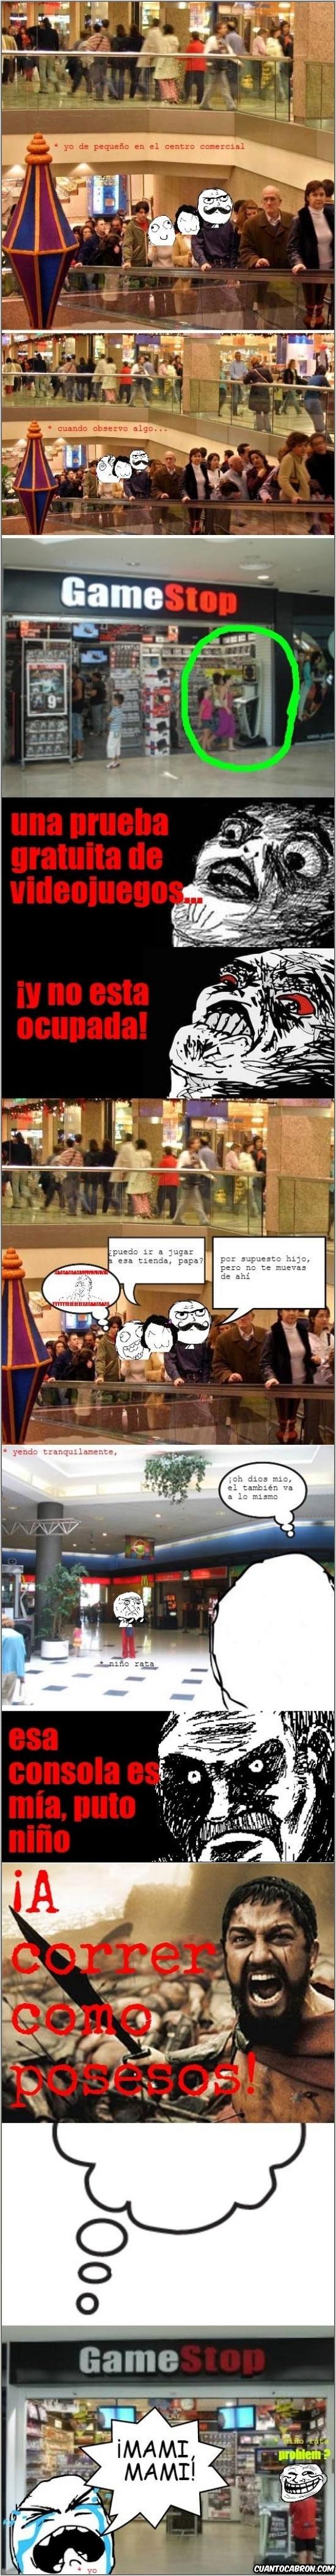 300,centro comercial,comprar,correr,esparta,game shop,juegos,mirada fija,niño rata,padres,rivalidad,tienda,trollface